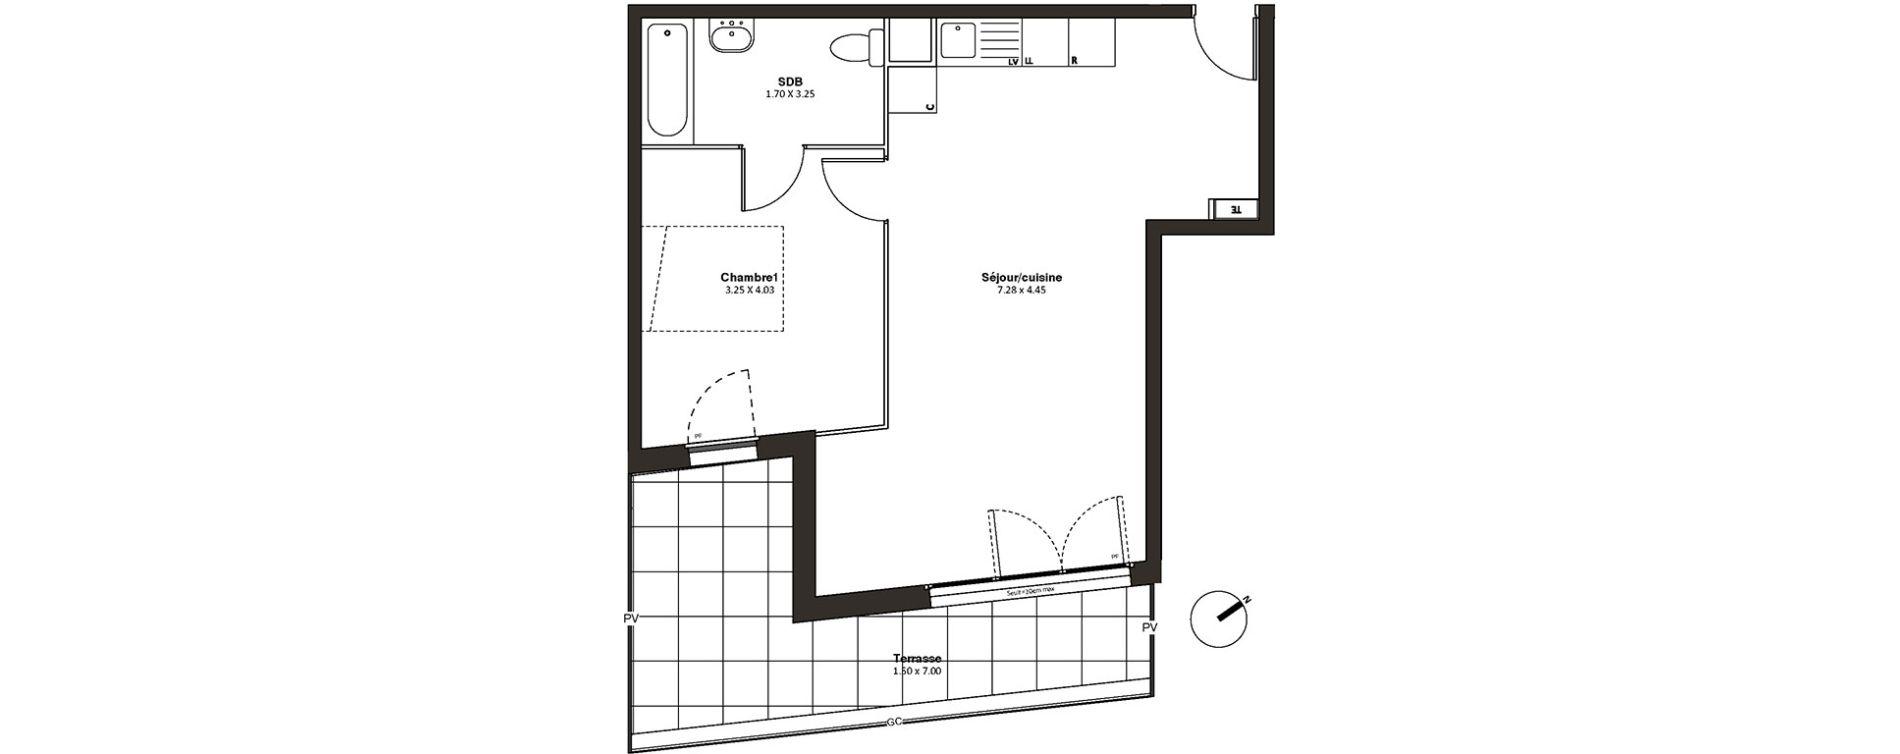 Appartement T2 de 49,57 m2 à Drancy L'economie